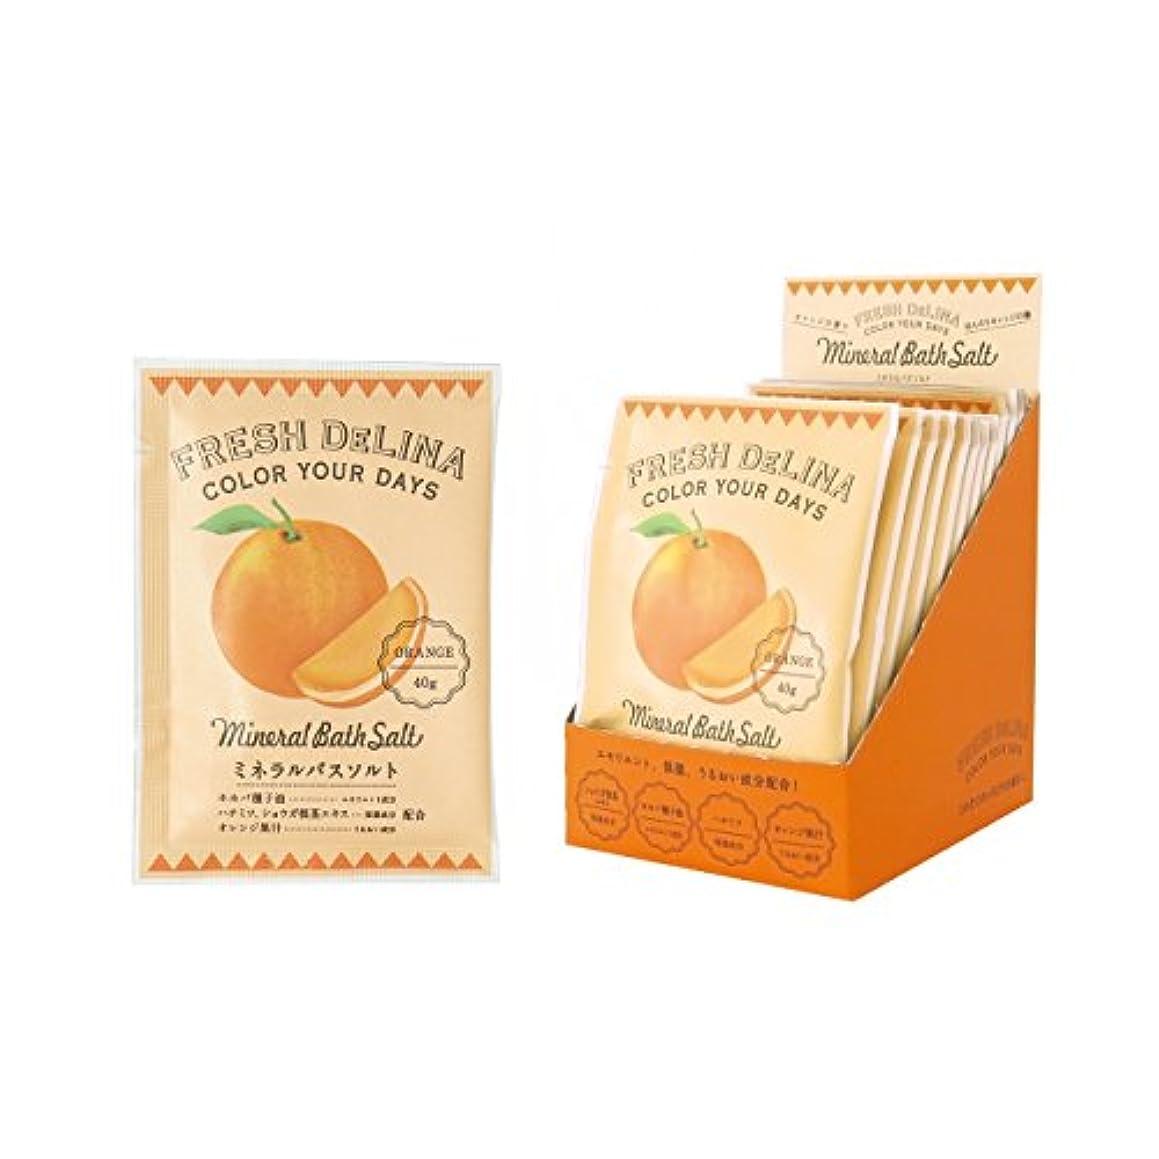 ドキュメンタリー住居しおれたフレッシュデリーナ ミネラルバスソルト40g(オレンジ) 12個 (海塩タイプ入浴料 日本製 フレッシュな柑橘系の香り)